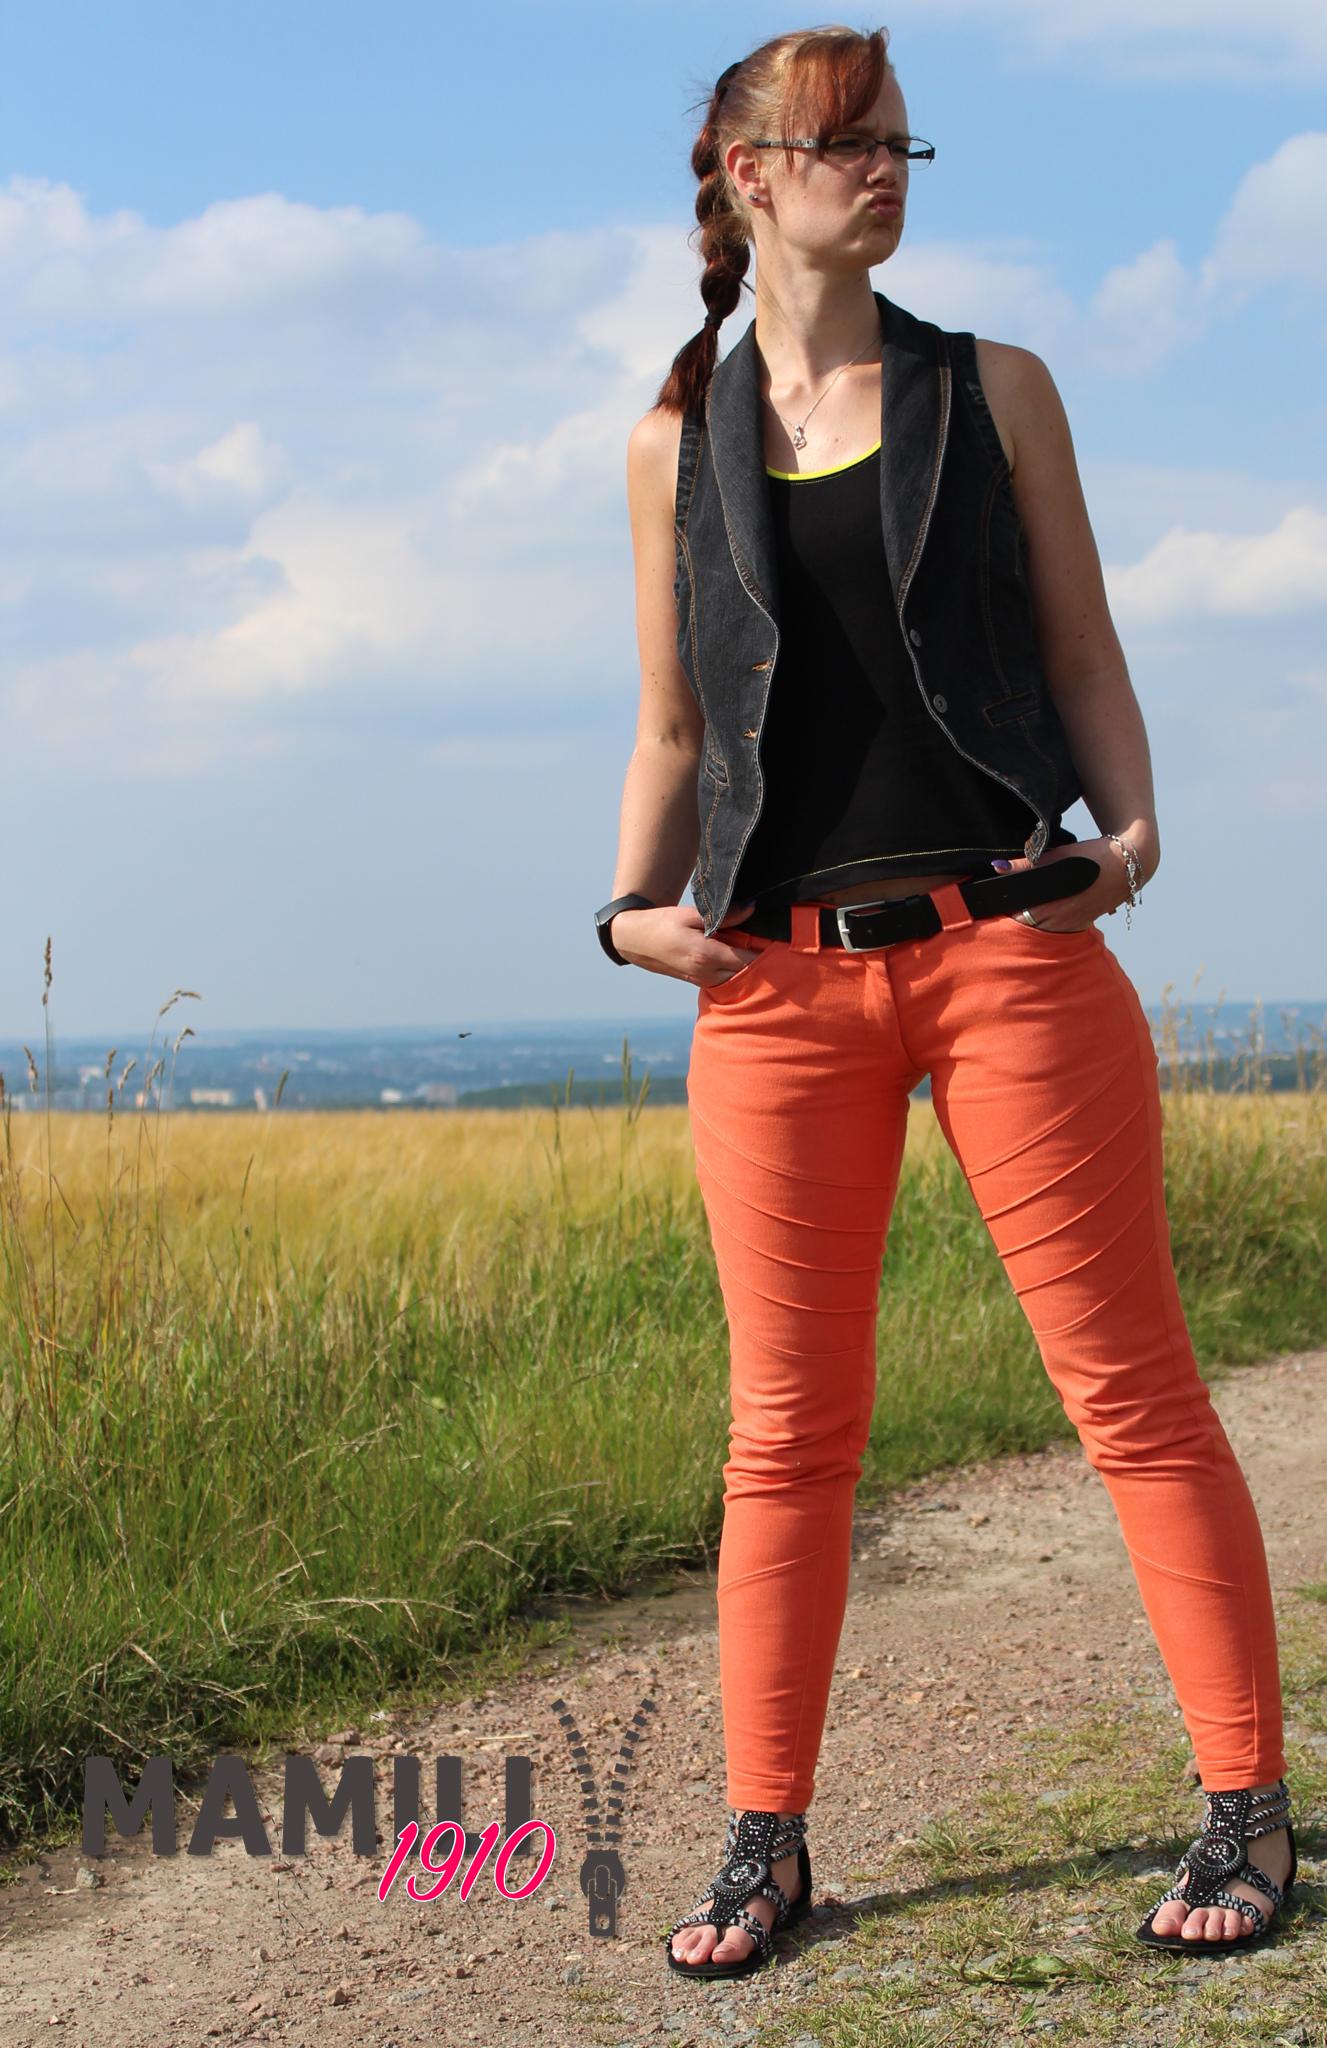 der Traum von der Skinny Jeans wird wahr – Mamili1910